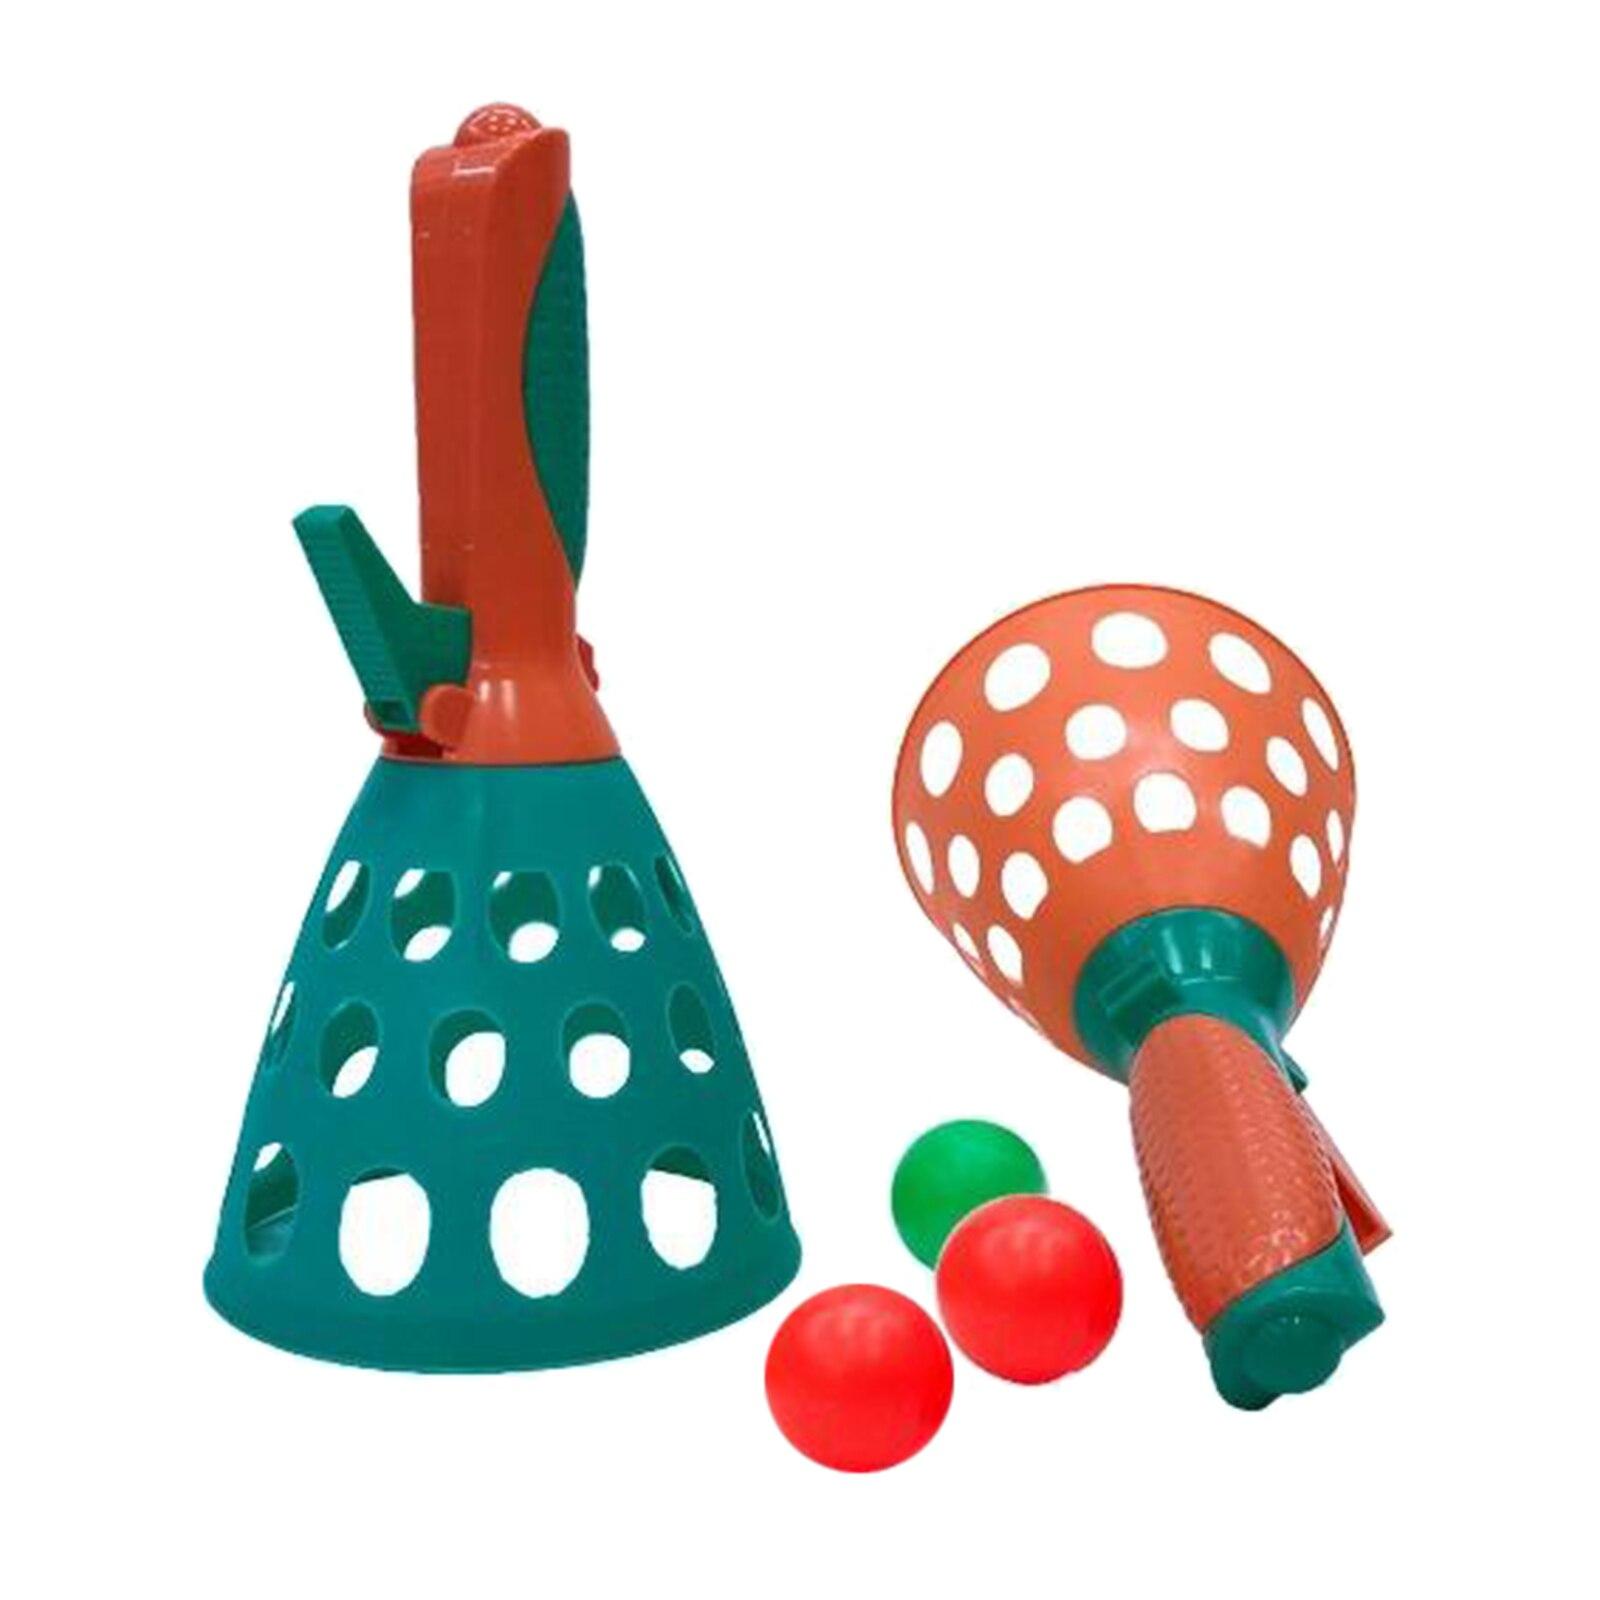 Enfants lancer attraper balle jeu interactif jardin extérieur Parent-enfant jeu jouets